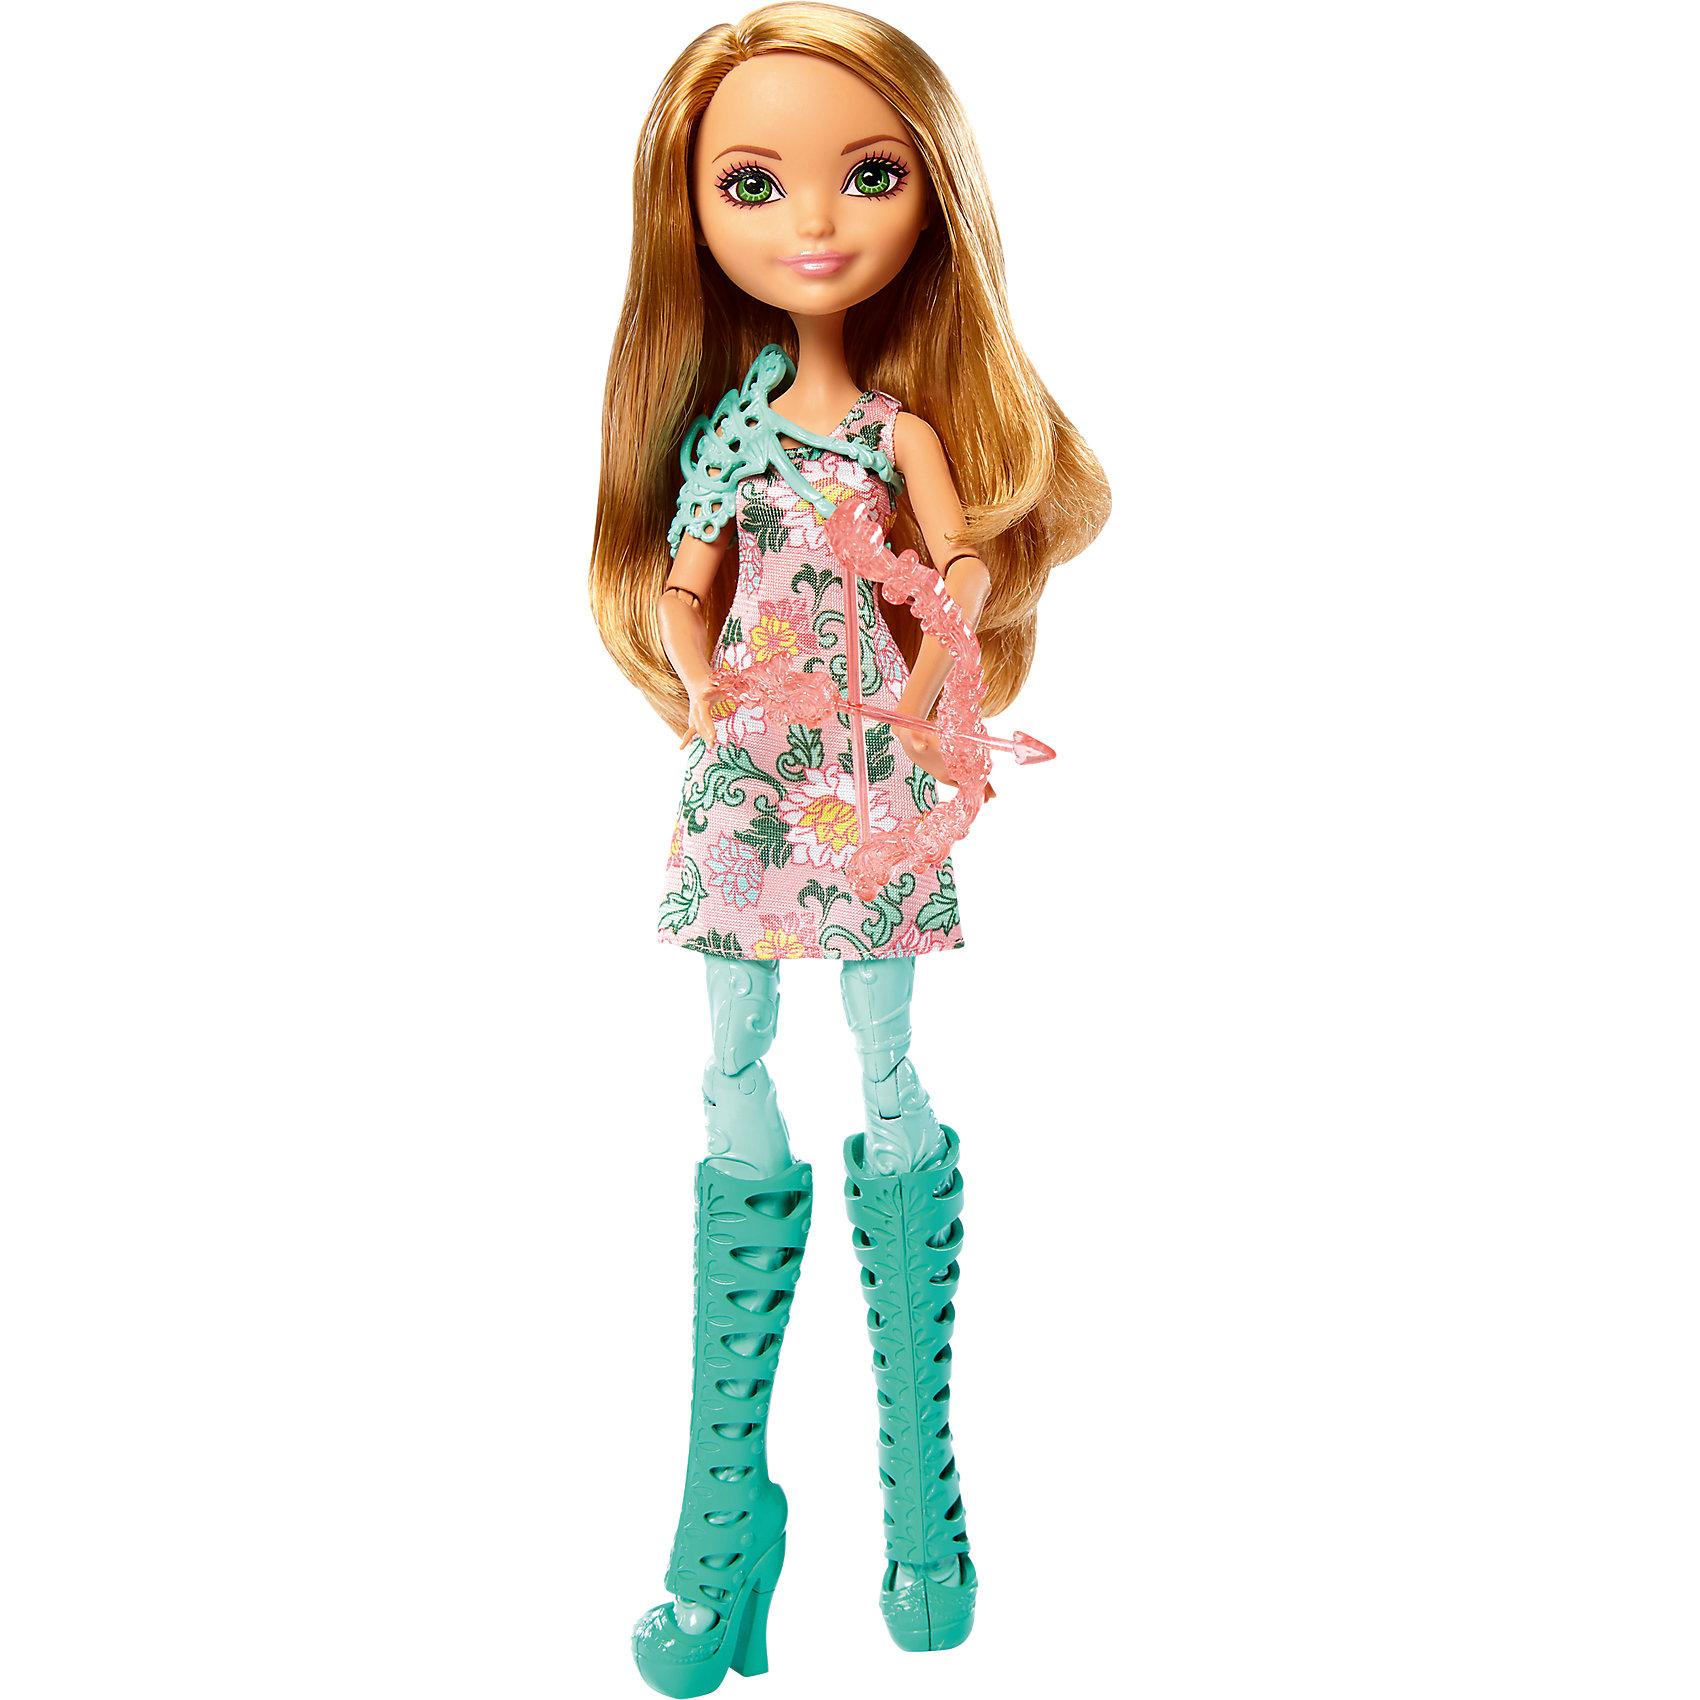 Кукла лучница Эшлин Элла, Ever After HighEver After High<br>Кукла лучница Эшлин Элла, Ever After High.<br><br>Характеристики:<br><br>• В комплекте: кукла-лучница Ever After High в модной одежде, с луком и стрелой<br>• Высота куклы: 26 см.<br>• Материал: пластик<br>• Упаковка: блистер<br>• Размер упаковки: 33x26x5 см.<br><br>Придумывай невероятные сюжеты с куклой лучницей Эшлин Эллой из школы Ever After High, которая решила научиться стрельбе из лука! Кукла держит в руках очаровательный розовый лук со стрелой. Эшлин Элла одета в розовое платье с цветочным узором. <br><br>Дополняют наряд потрясающие высокие бирюзовые ботфорты на высоком каблуке и стильный защитный жилет. Ножки куклы сделаны из пластика бирюзового цвета с фактурой, имитирующей ткань леггинсов. У куклы длинные красивые волосы, большие выразительные глаза и милая улыбка. Руки и ноги подвижны: сгибаются колени, локти и кисти.<br><br>Куклу лучницу Эшлин Эллу, Ever After High можно купить в нашем интернет-магазине.<br><br>Ширина мм: 327<br>Глубина мм: 155<br>Высота мм: 47<br>Вес г: 185<br>Возраст от месяцев: 72<br>Возраст до месяцев: 120<br>Пол: Женский<br>Возраст: Детский<br>SKU: 5257099